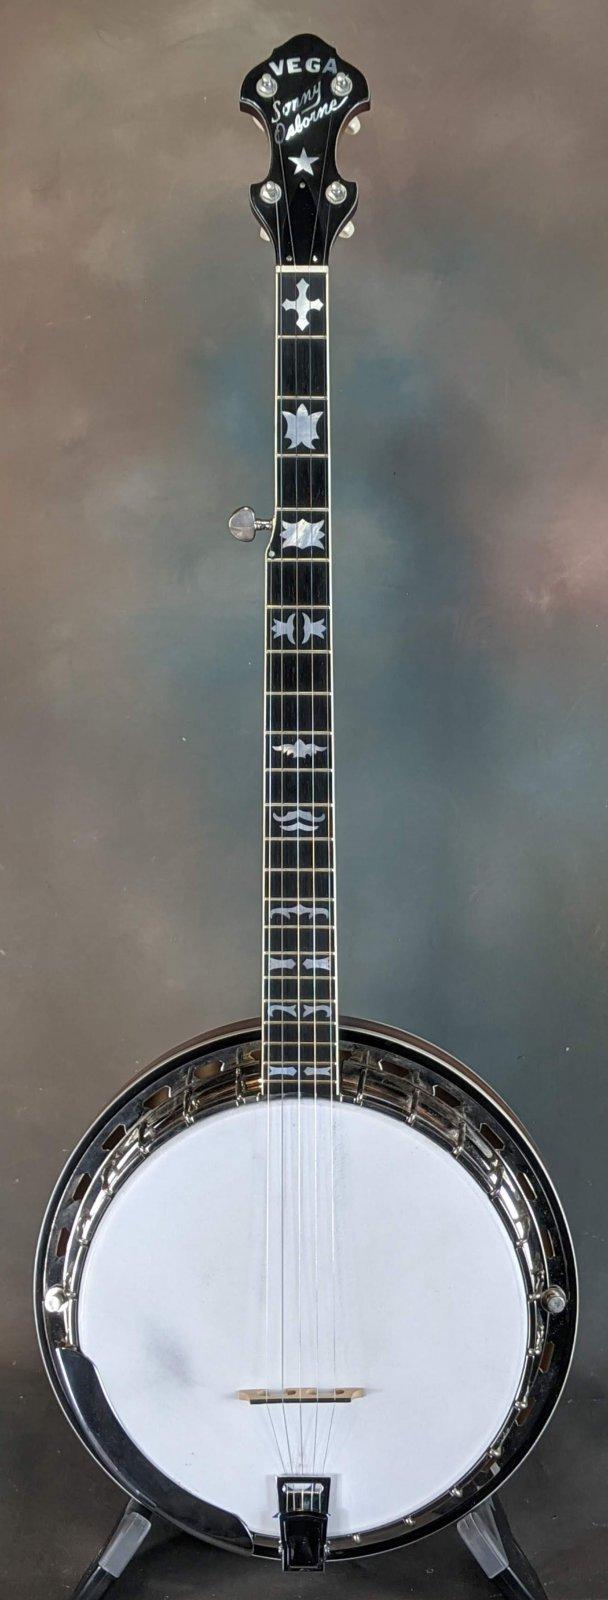 1968 Vega Sonny Osborne 5-String Banjo